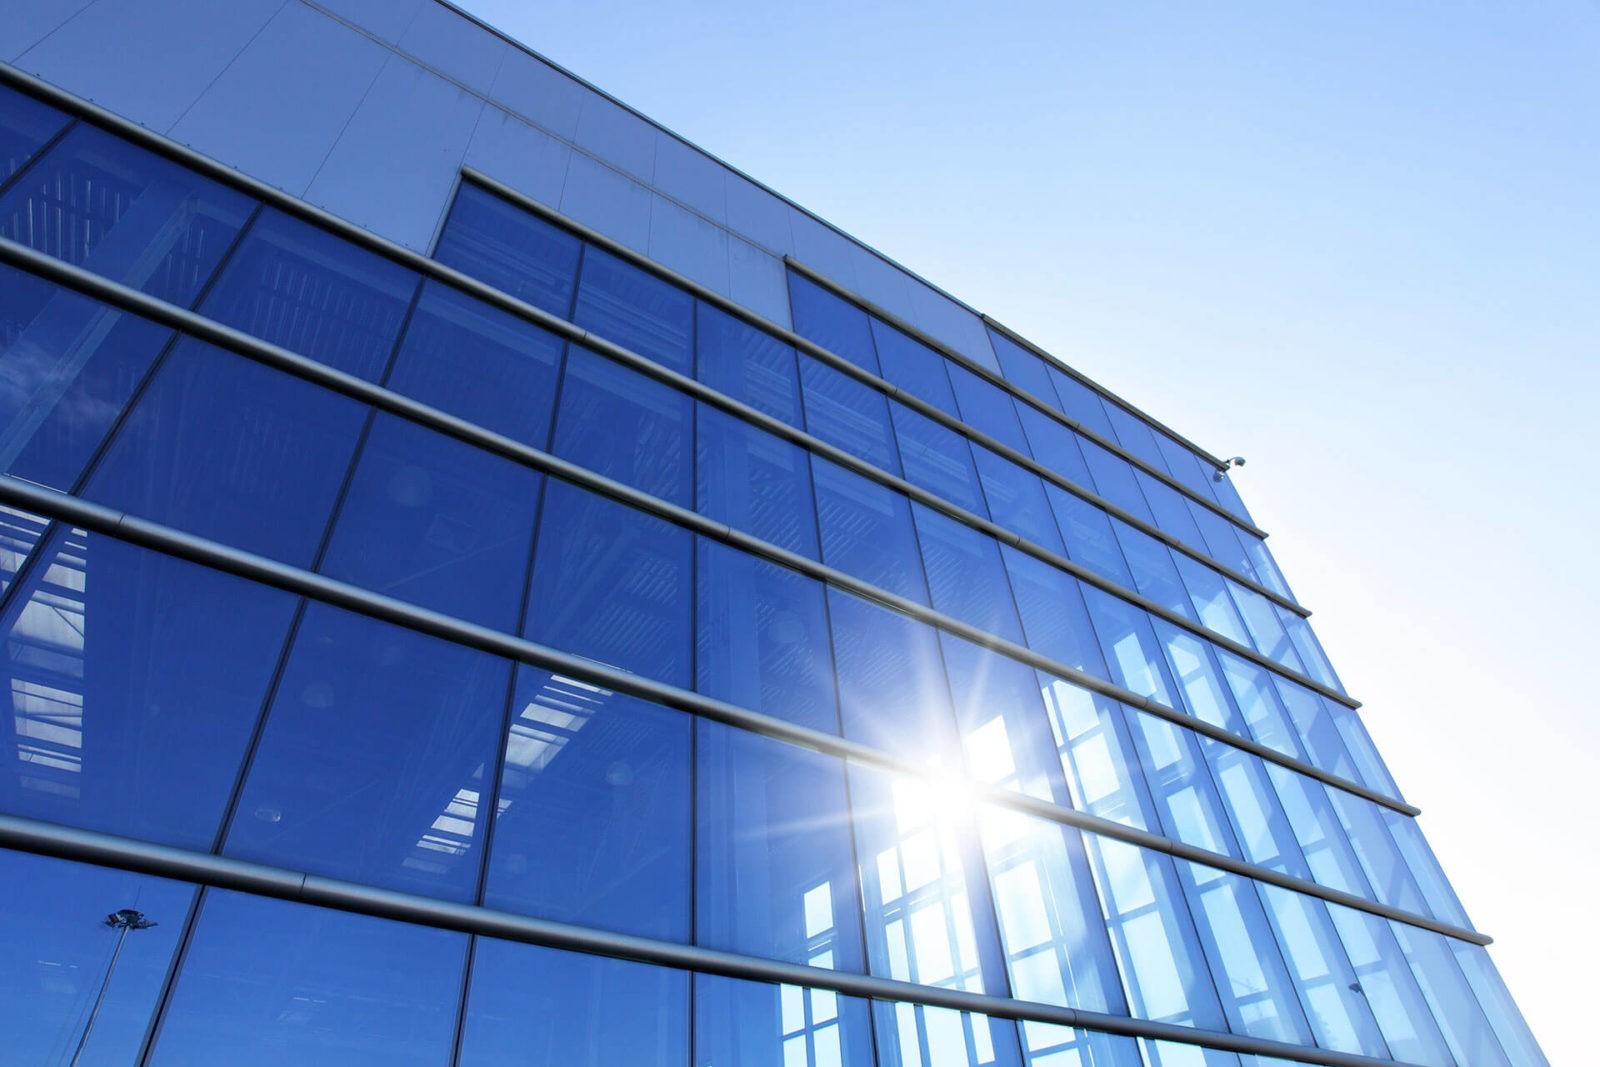 Full Size of Sonnenschutzfolie Fenster Sonnenschutzfolien Und Hitzeschutzfolien Velux Ersatzteile Einbauen Einbruchsicherung Einbruchsichere Insektenschutz Ohne Bohren Fenster Sonnenschutzfolie Fenster